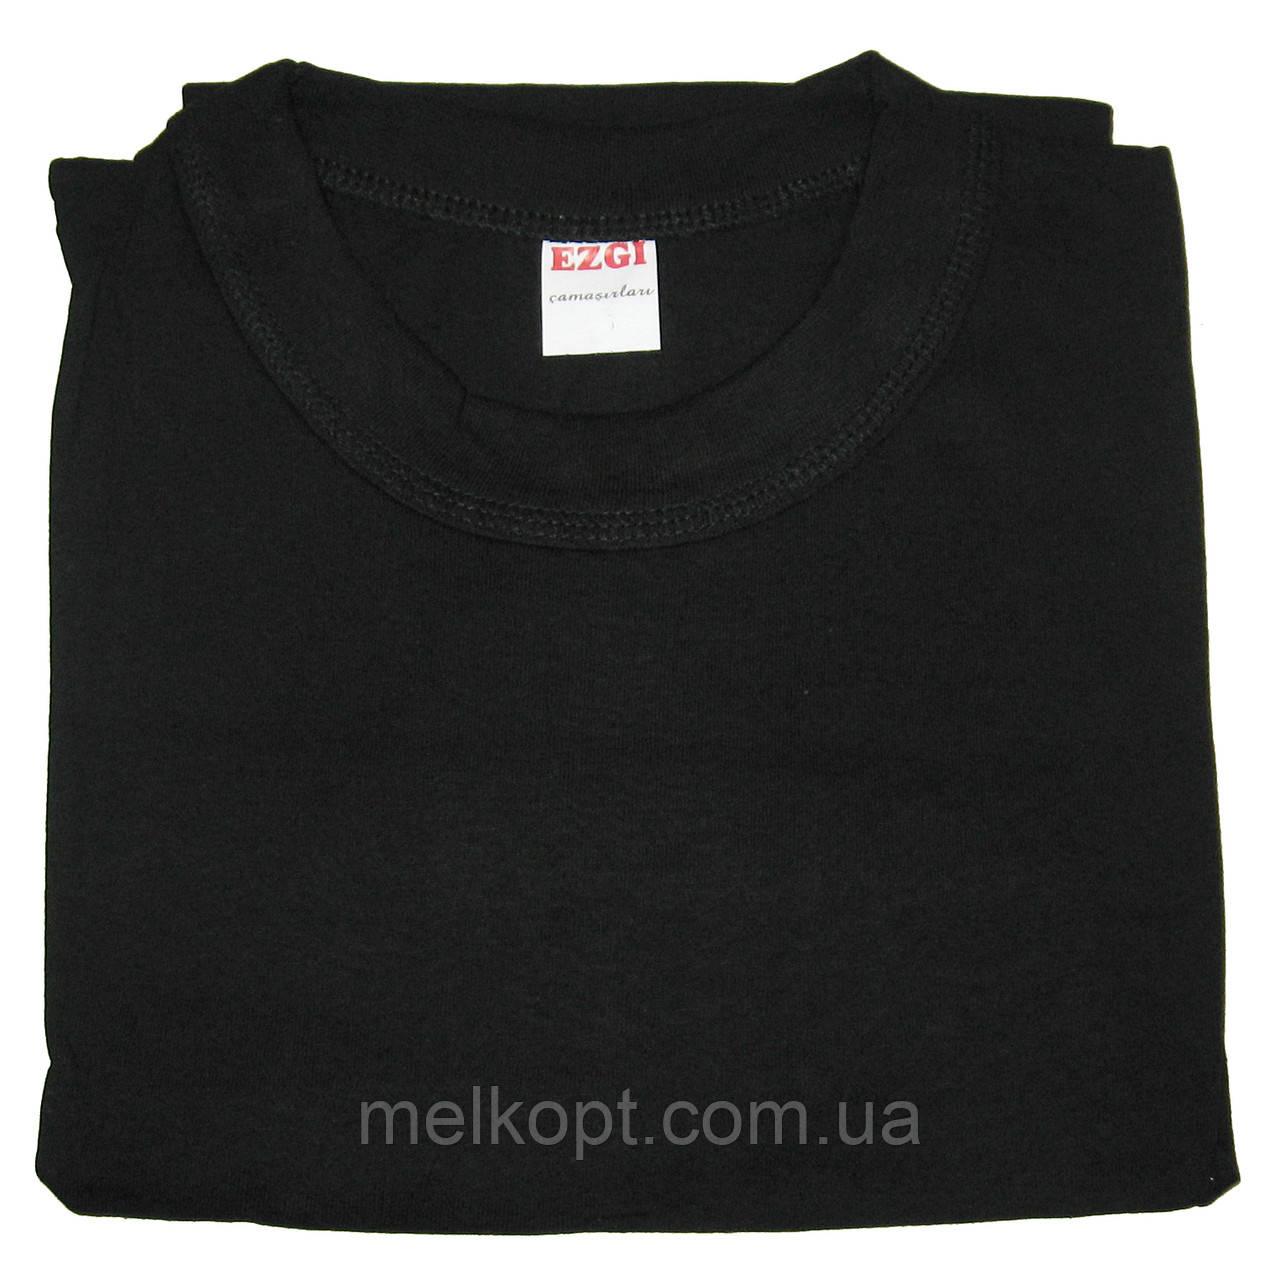 Чоловічі футболки Ezgi - 67,00 грн./шт. (66-й розмір, чорні)